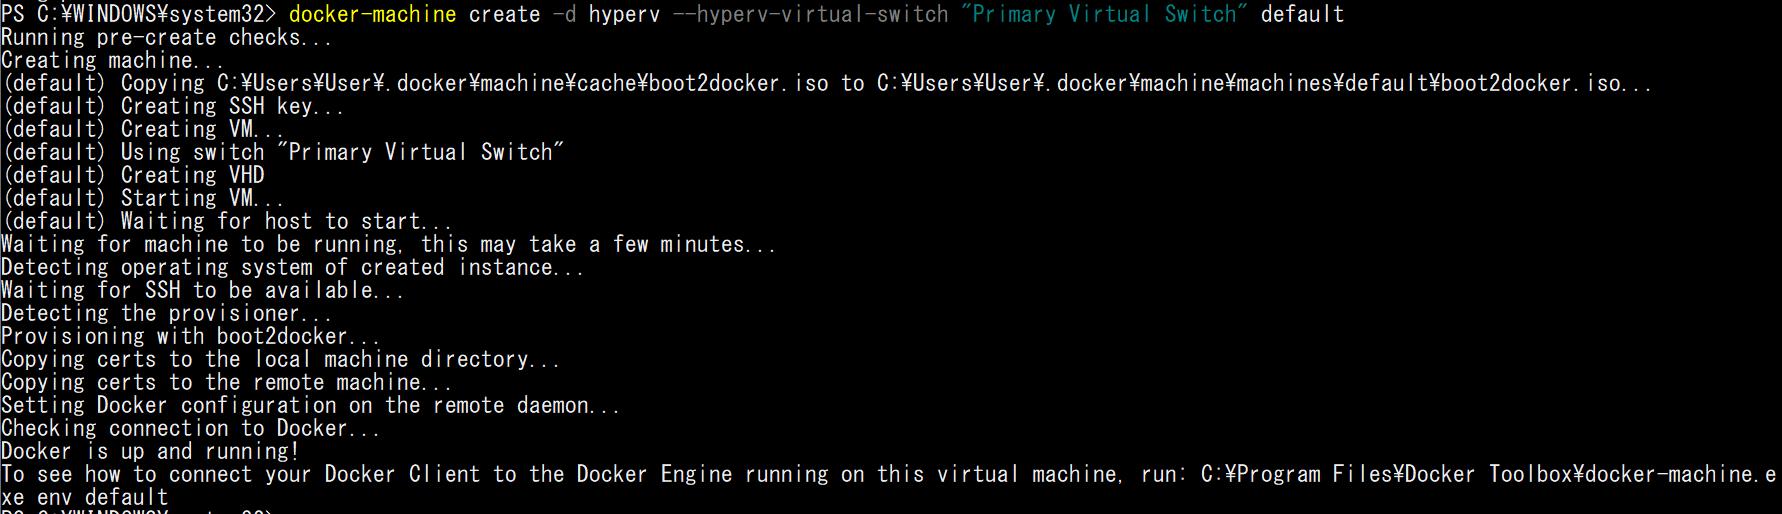 docker-machine-create